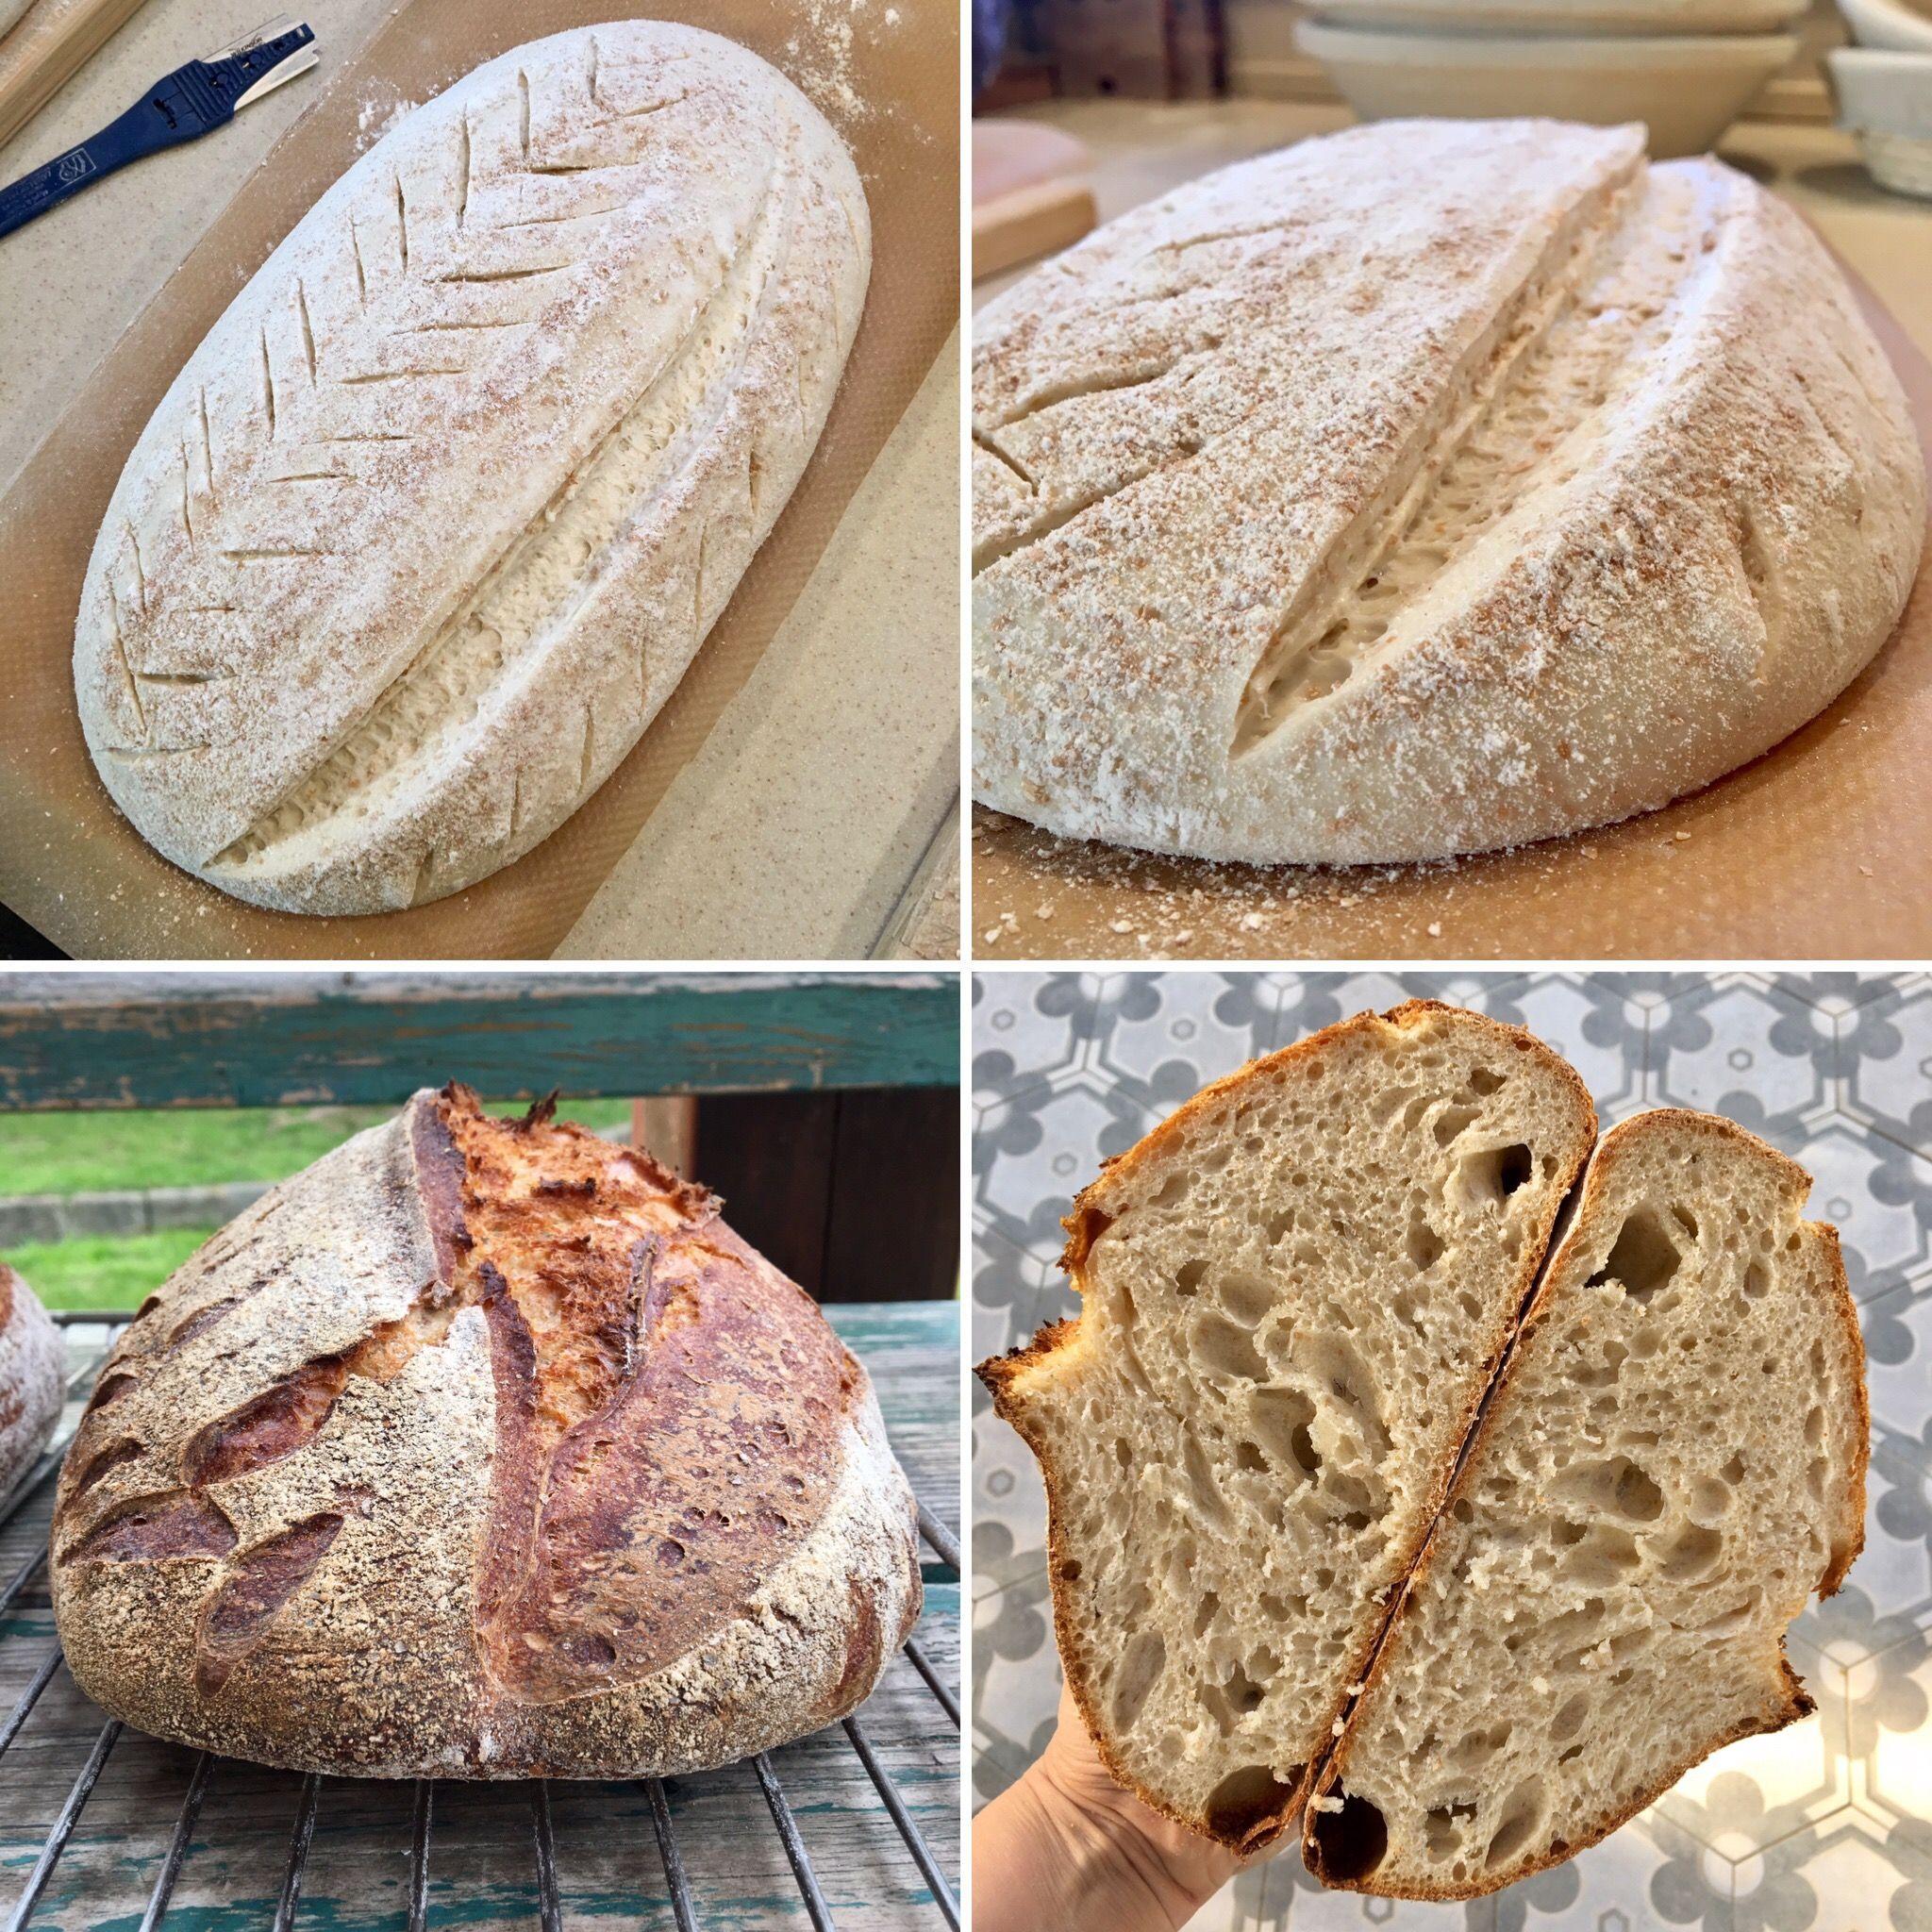 f9a1e8dbc1 Amikor az ember lánya fotózásra készíti elő a kenyér repertoárt, ez néhány  kísérletre is rögtön